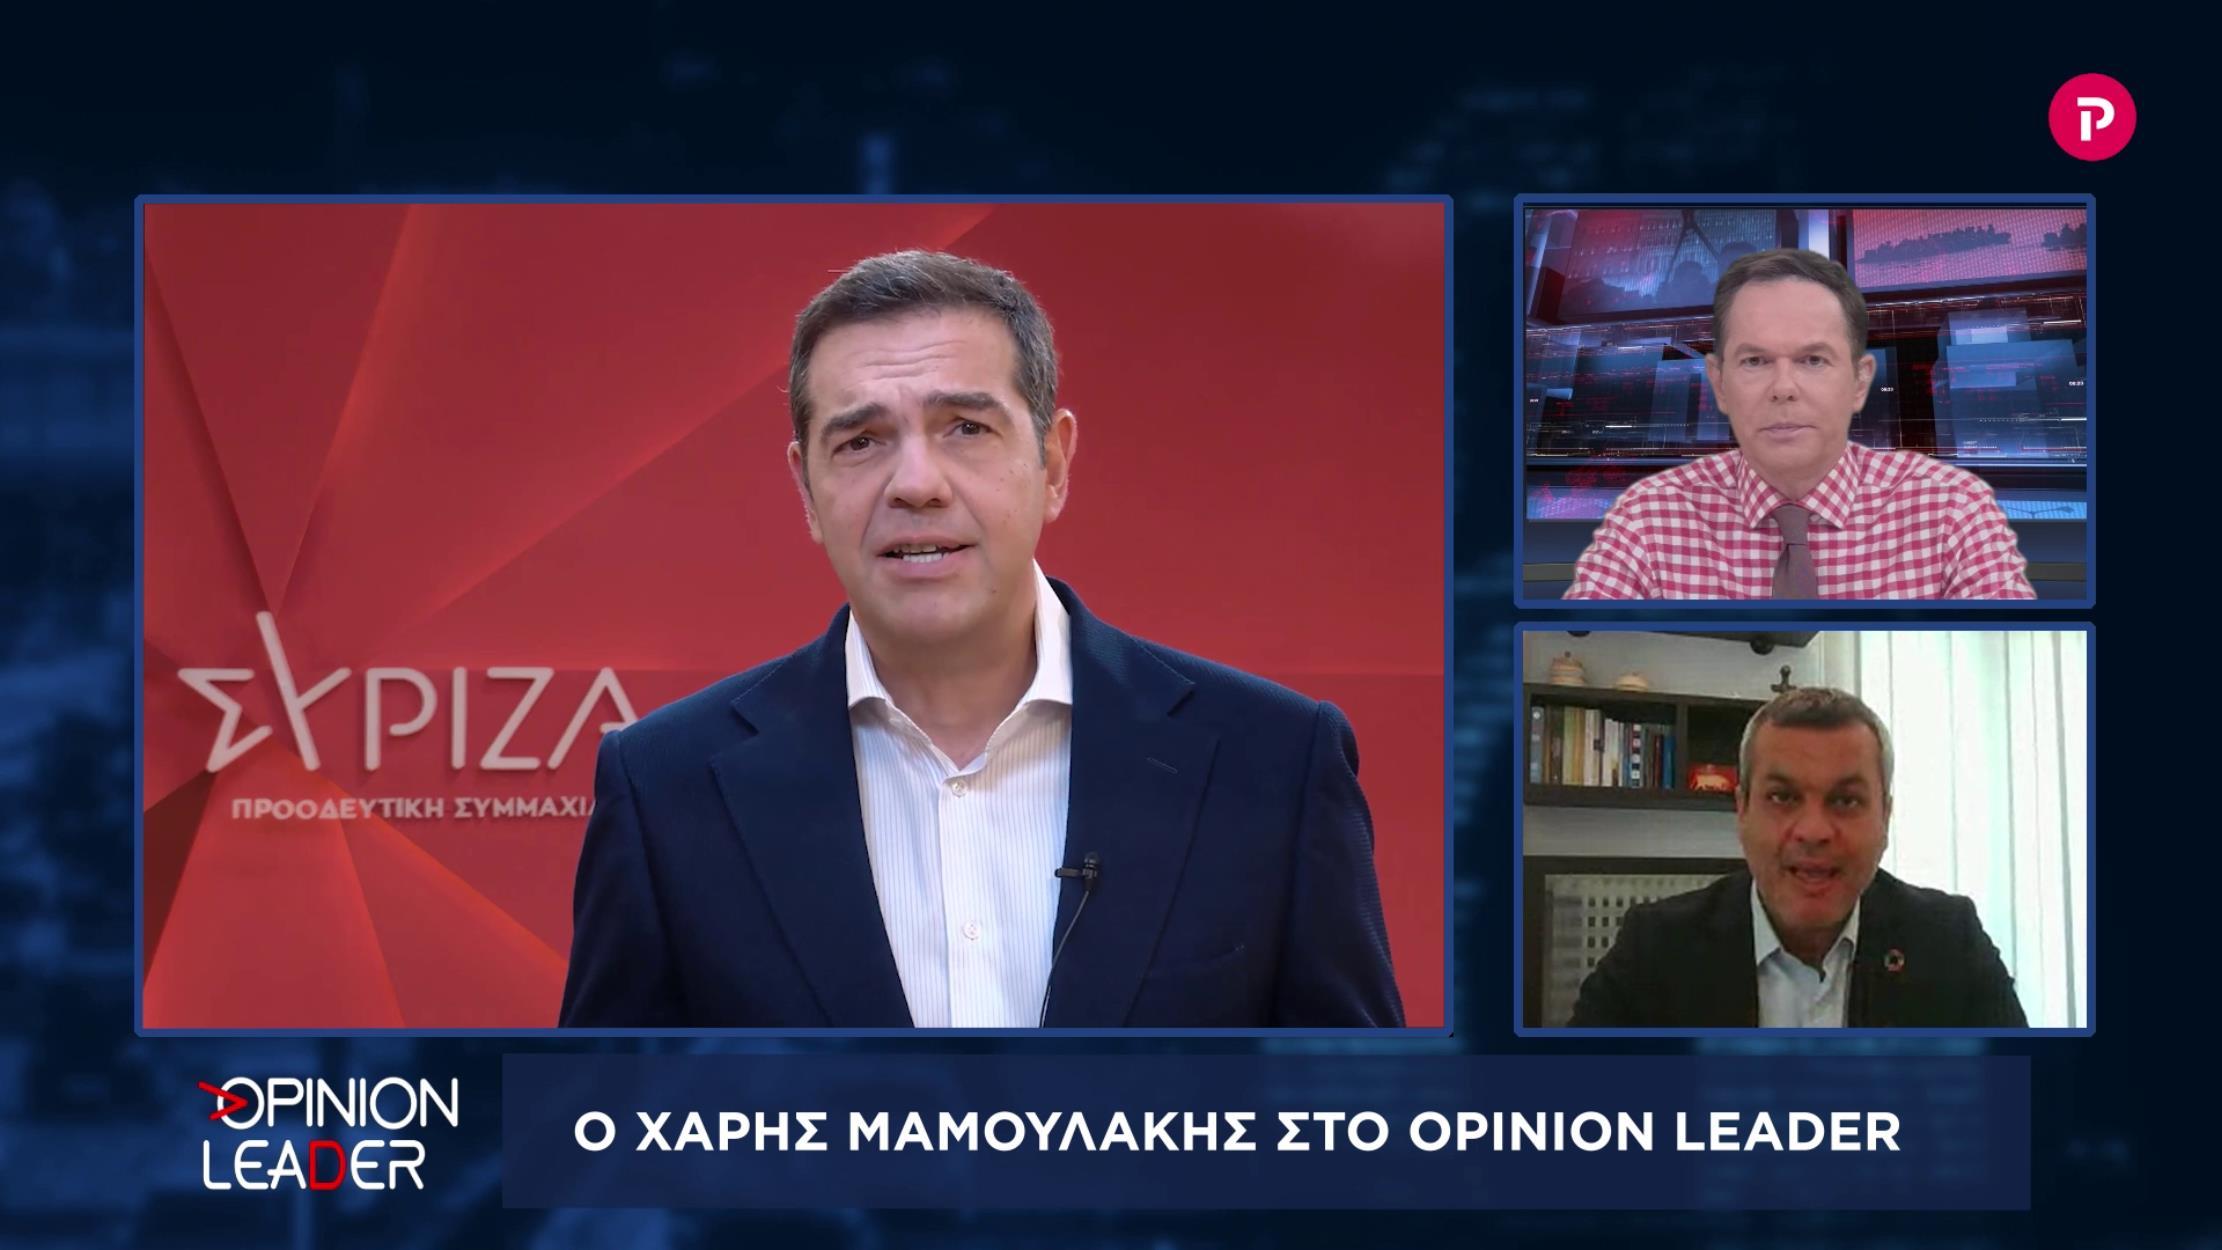 Χάρης Μαμουλάκης στο pagenews.gr